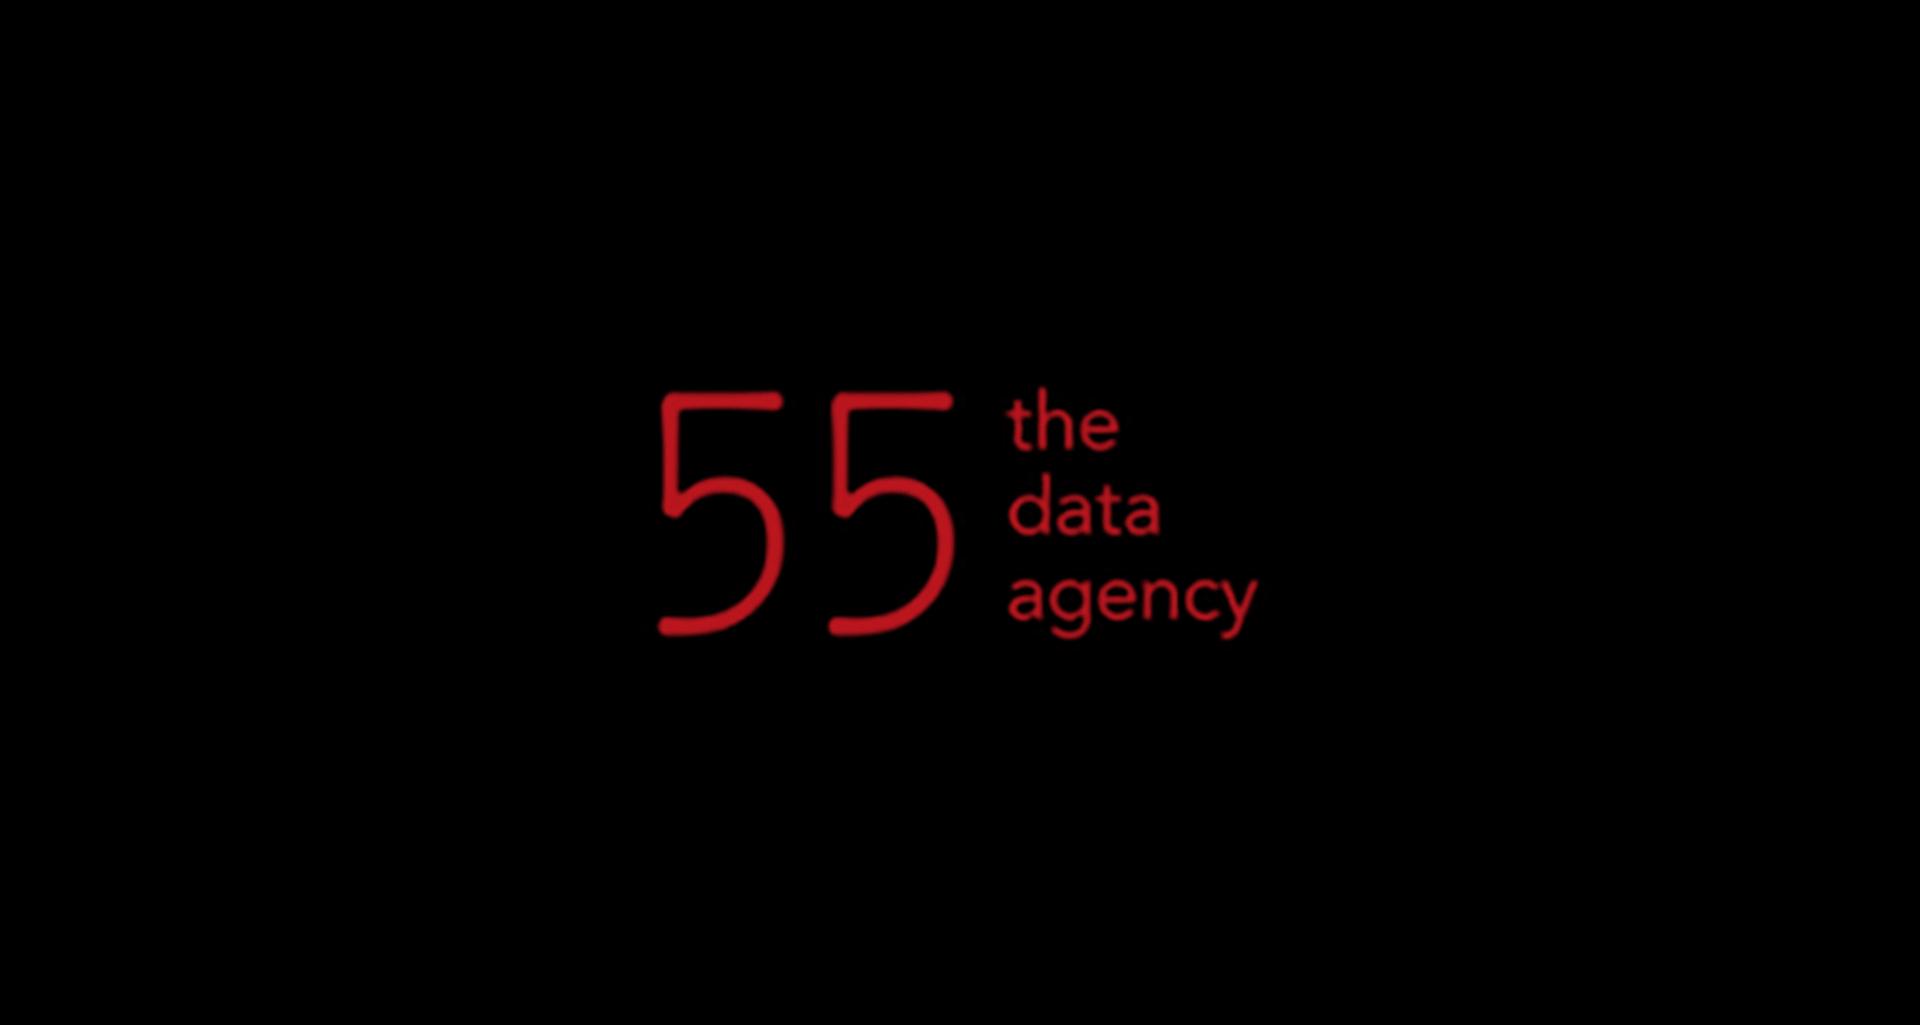 55 The Data Company